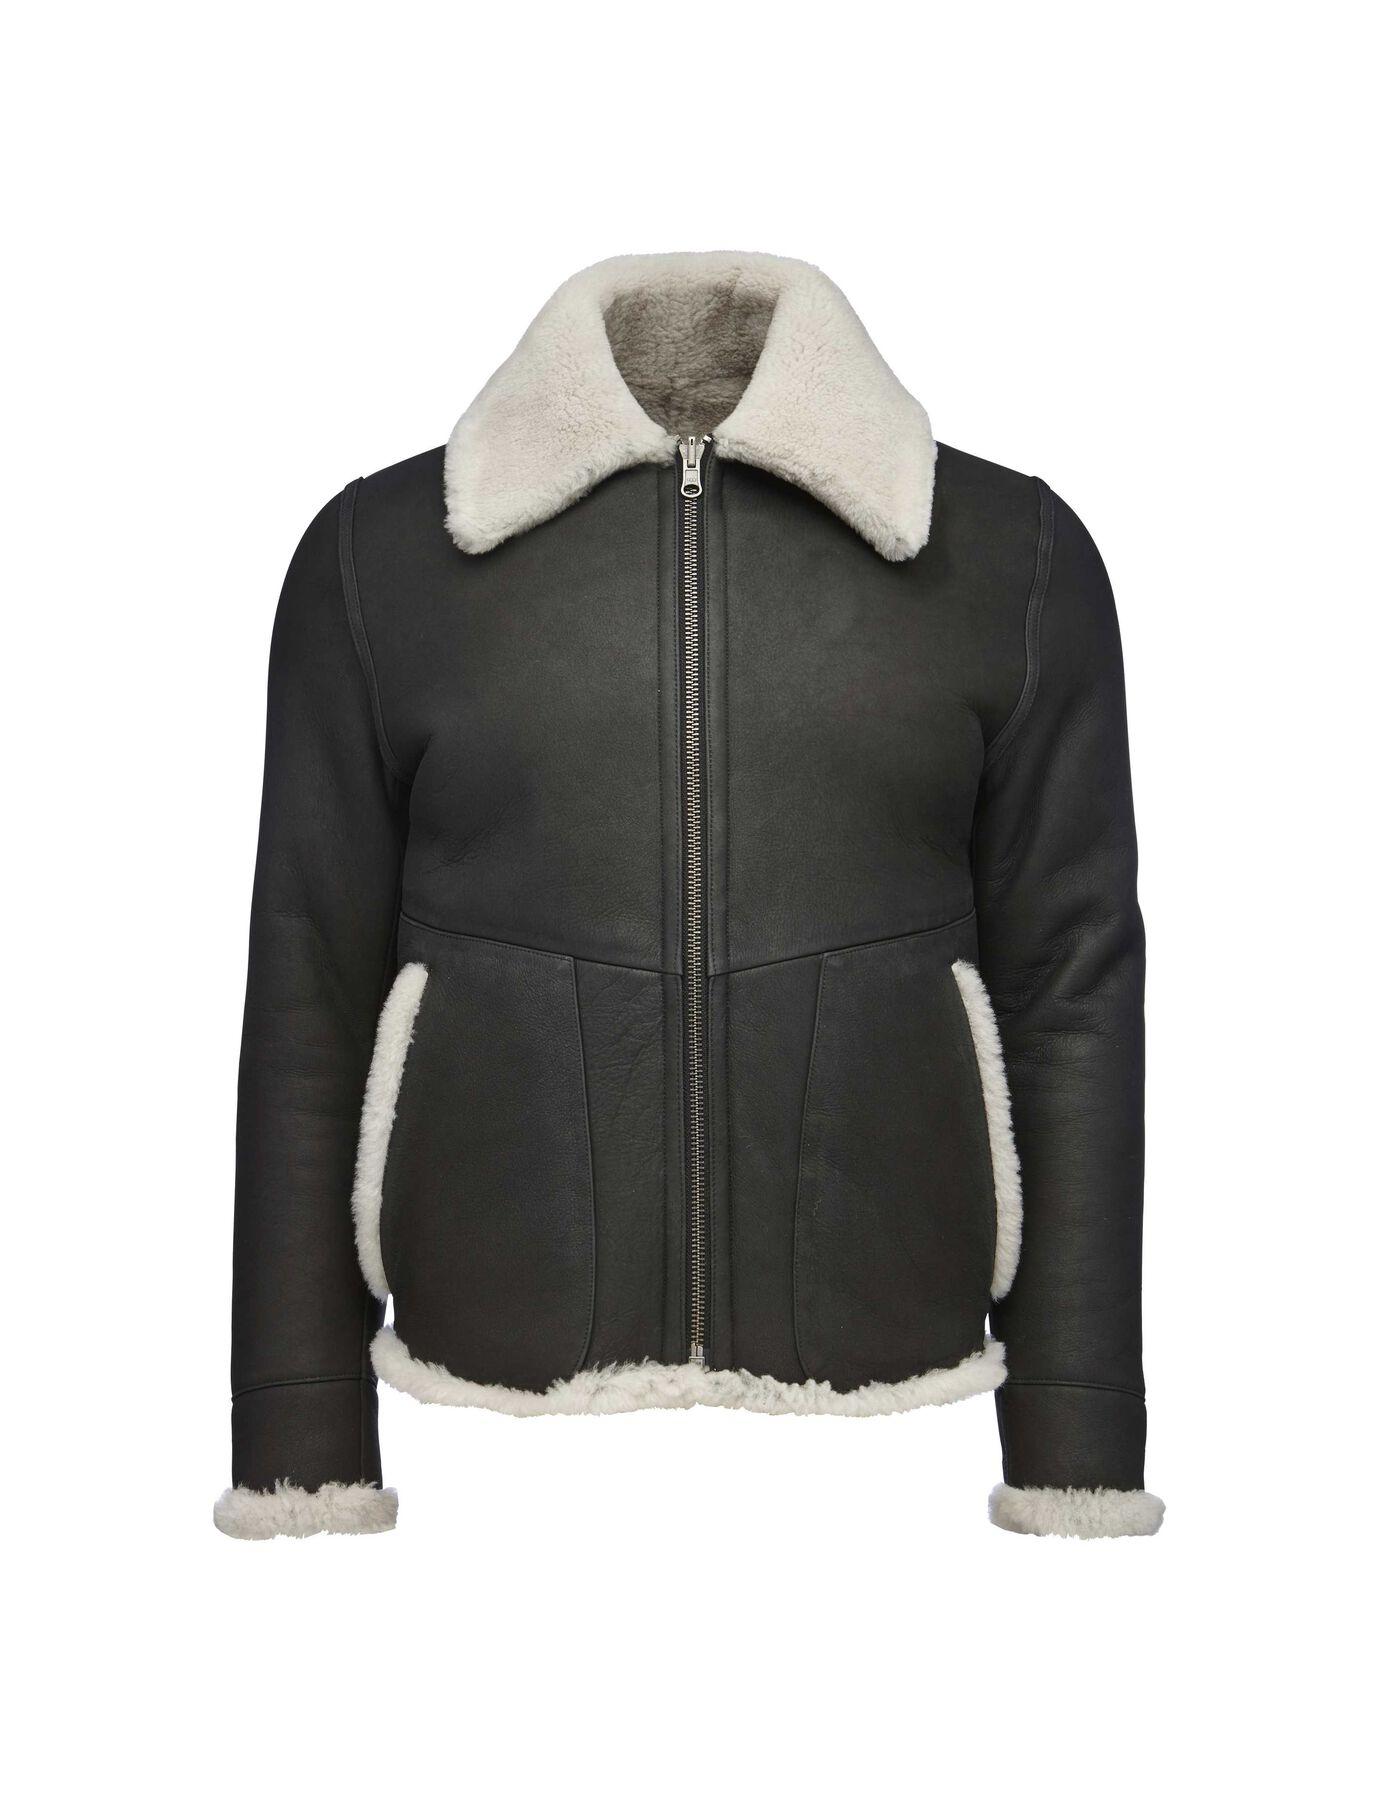 Gumse jacket in Black from Tiger of Sweden